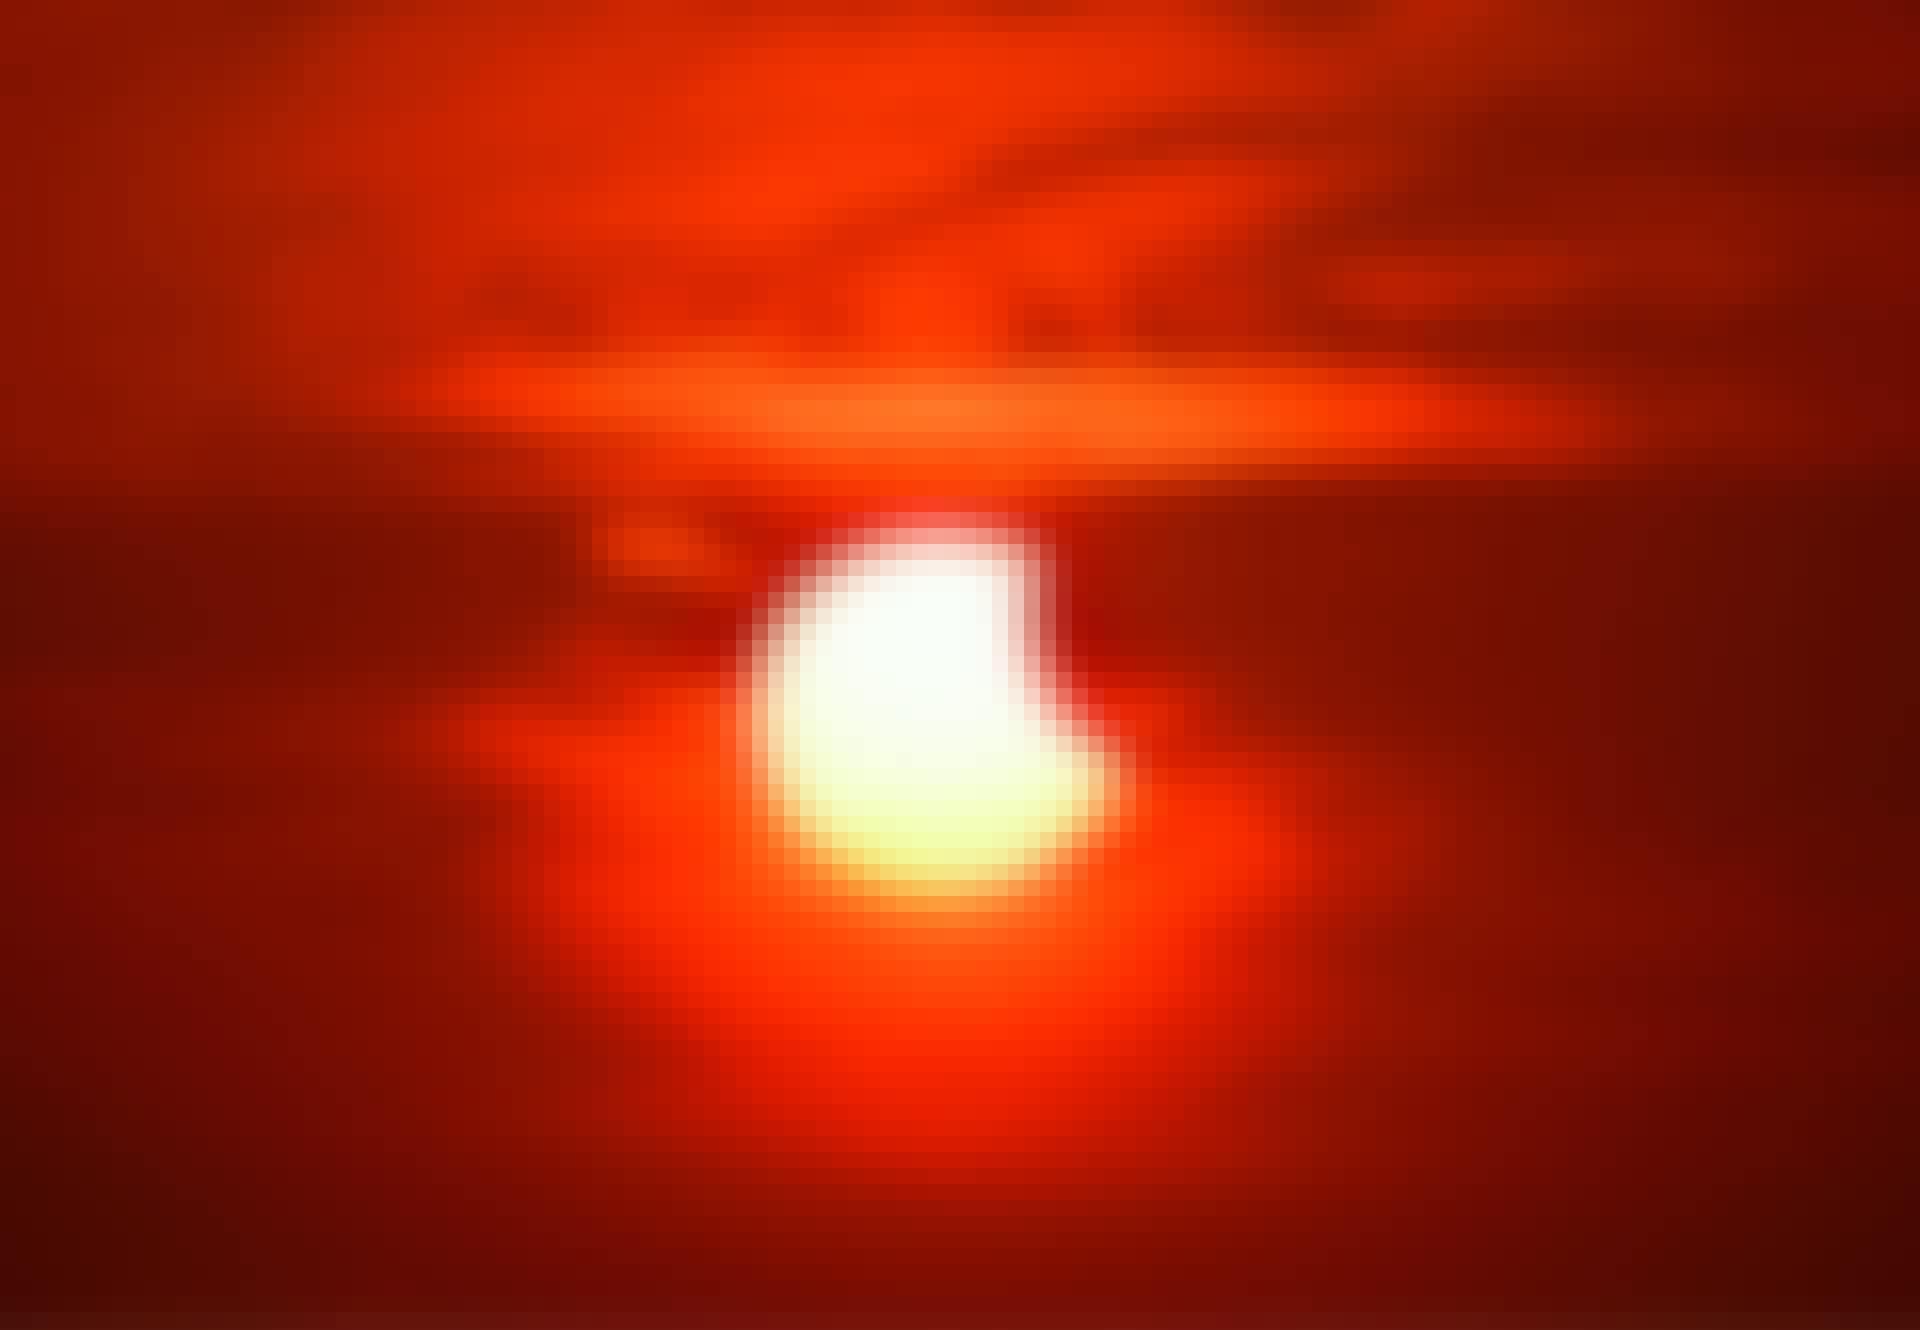 solformørkelse, sol